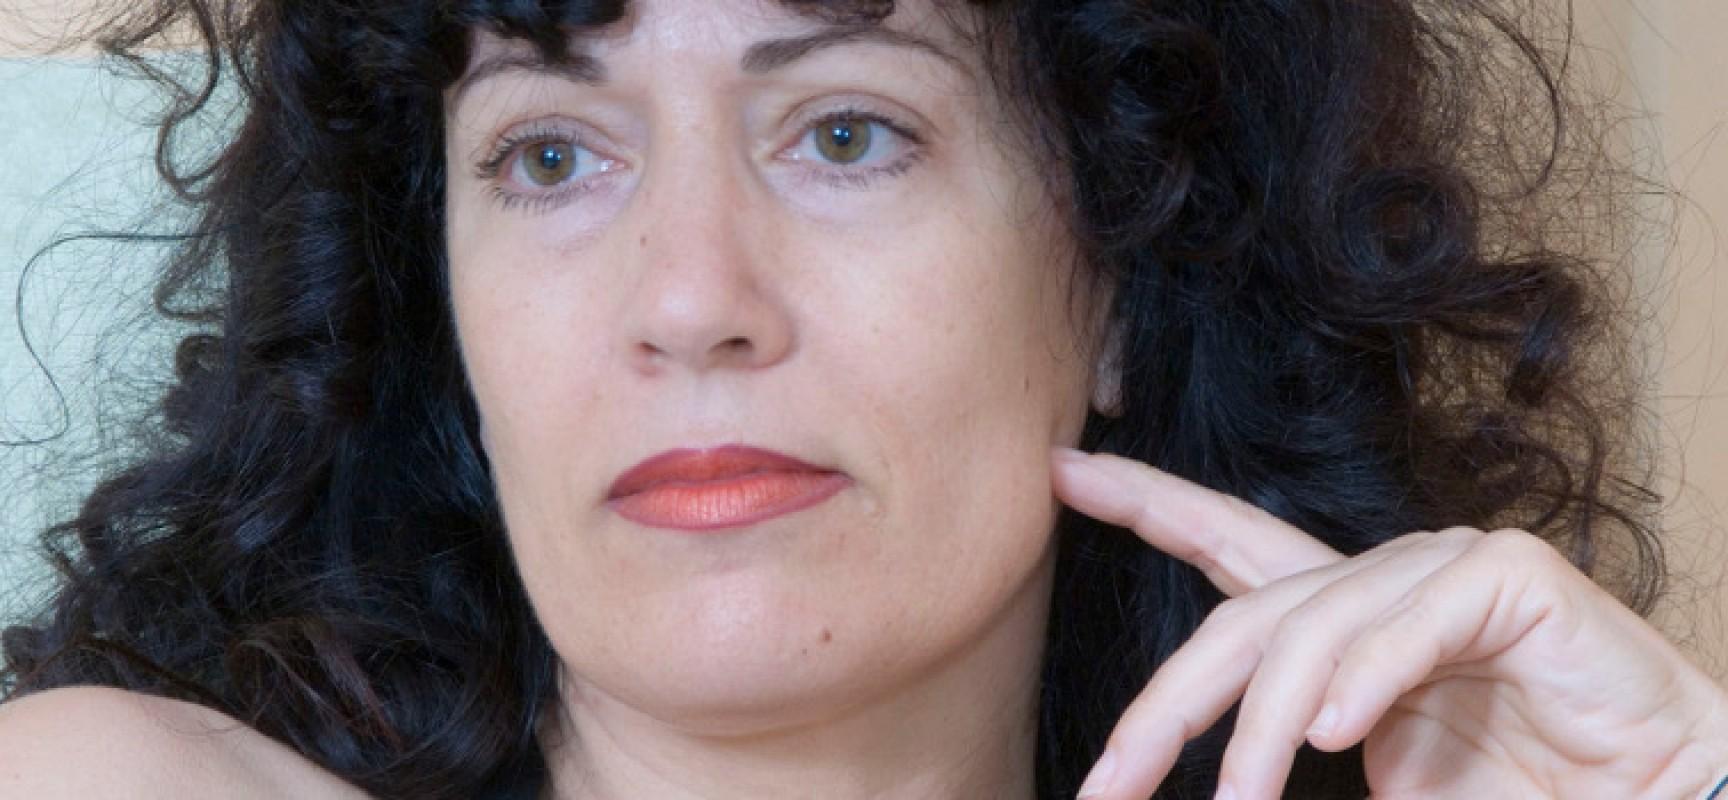 Teatro barese in lutto è morta l'attrice Ketty Volpe a soli 55 anni, stroncata da un male incurabile in quattro mesi